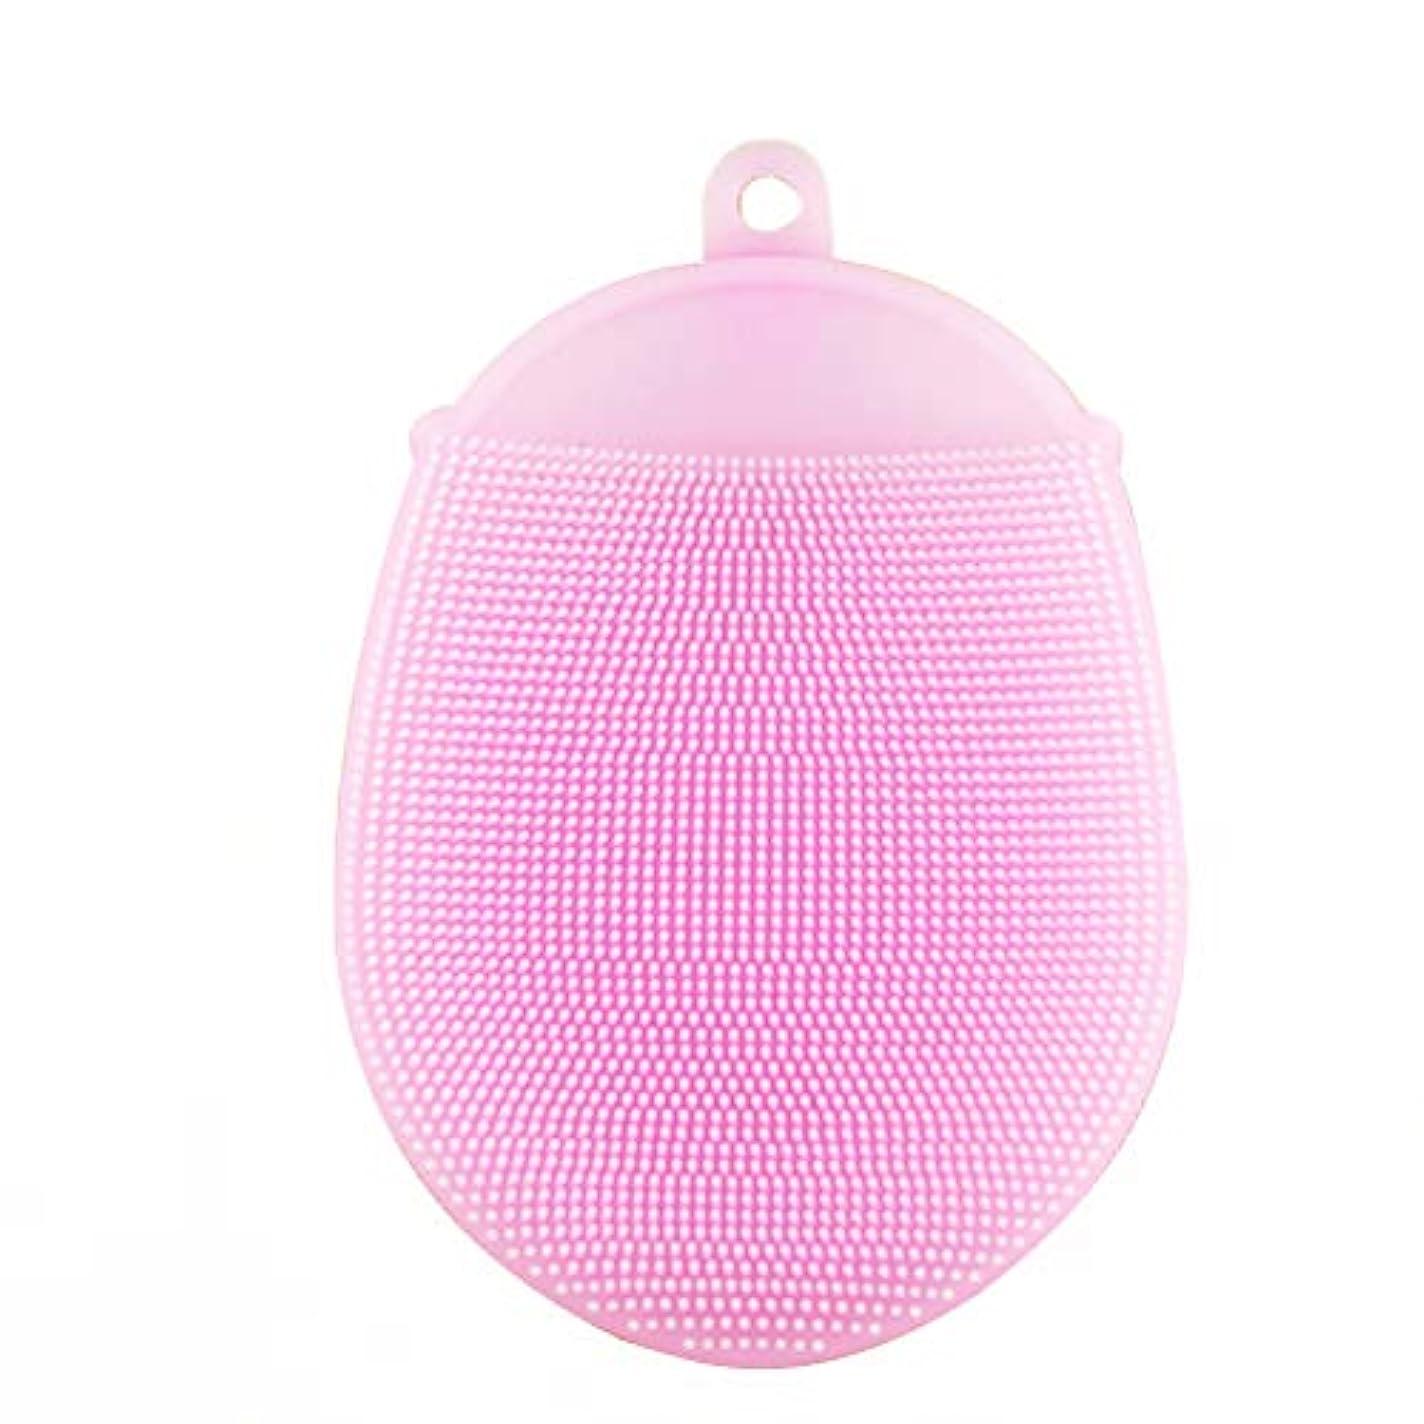 情緒的部分的マトロンSUPVOX 2本シリコンバスブラシボディバックブラシシャワースクラバーフェイシャルクレンジングパッド(ピンク)